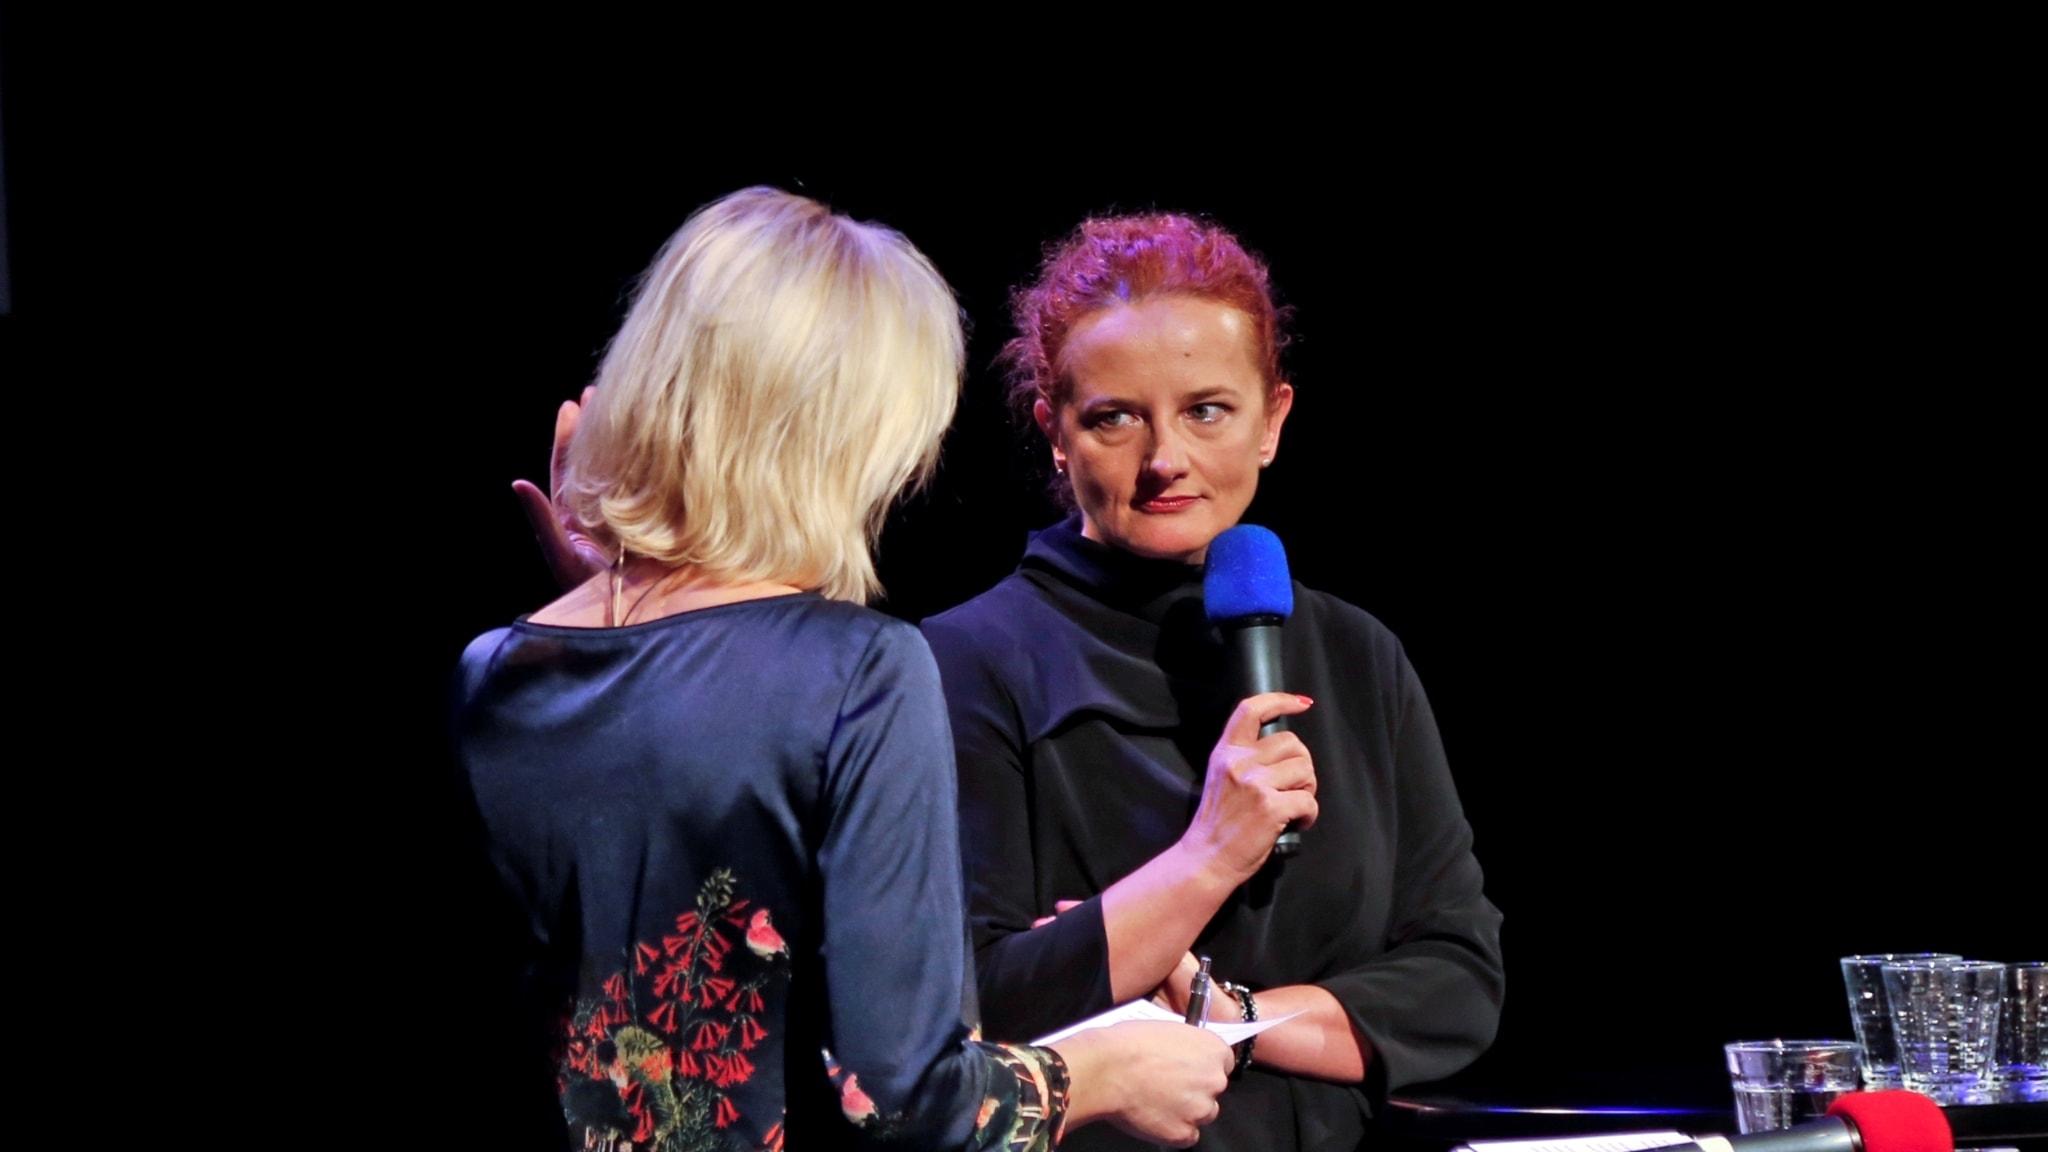 Kamila Ceran, programchef på Radio TOK FM/Warsawa, intervjuas av Ginna Lindberg